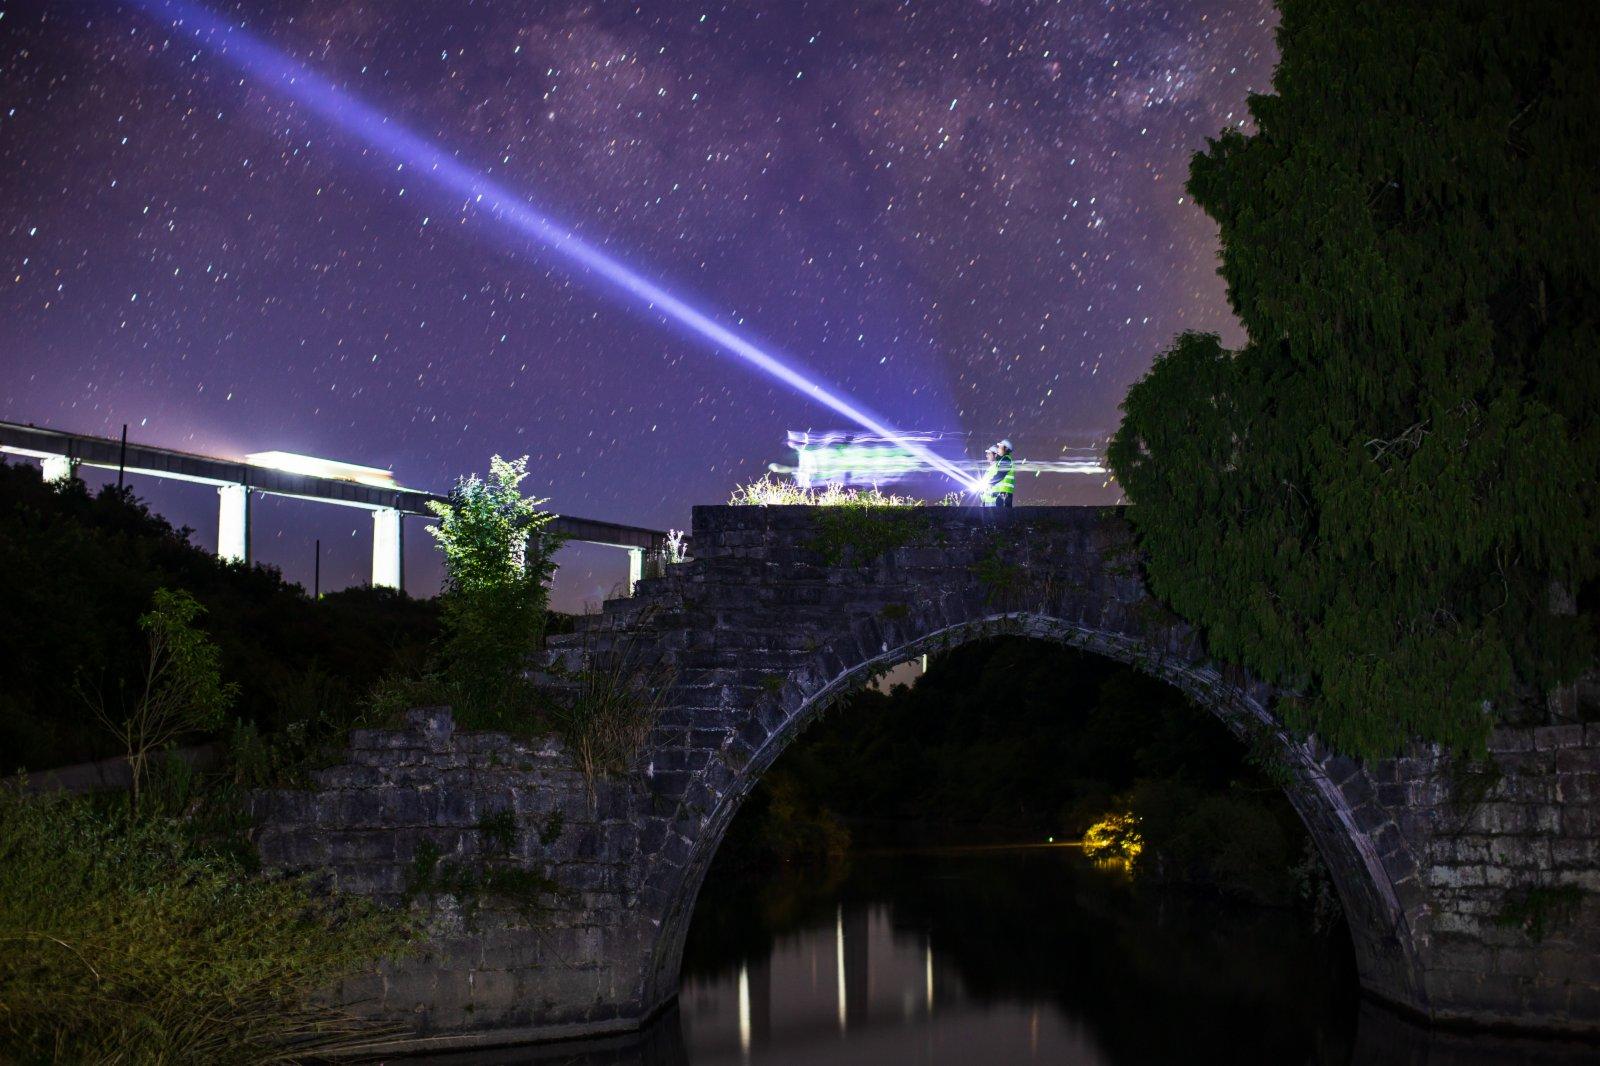 6月6日拍攝的星空下的銀坡河特大橋和蒙家橋。(新華社)